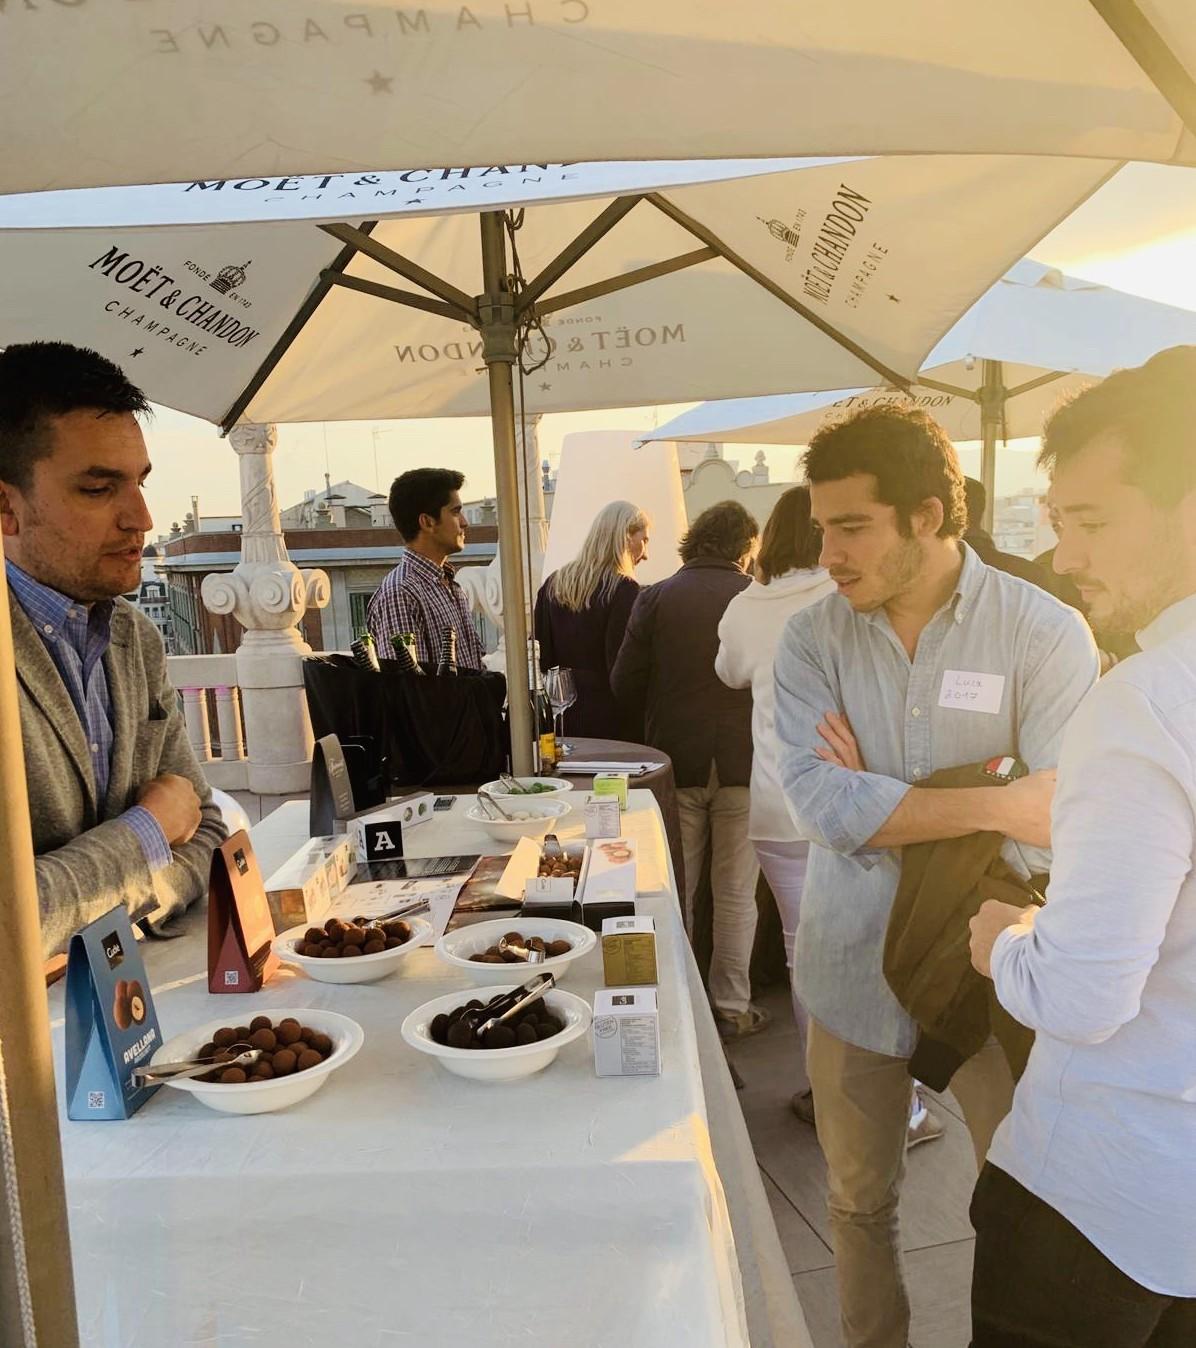 Luxury Spain colabora en el evento Networking de la Escuela de Hostelería de Lausanne